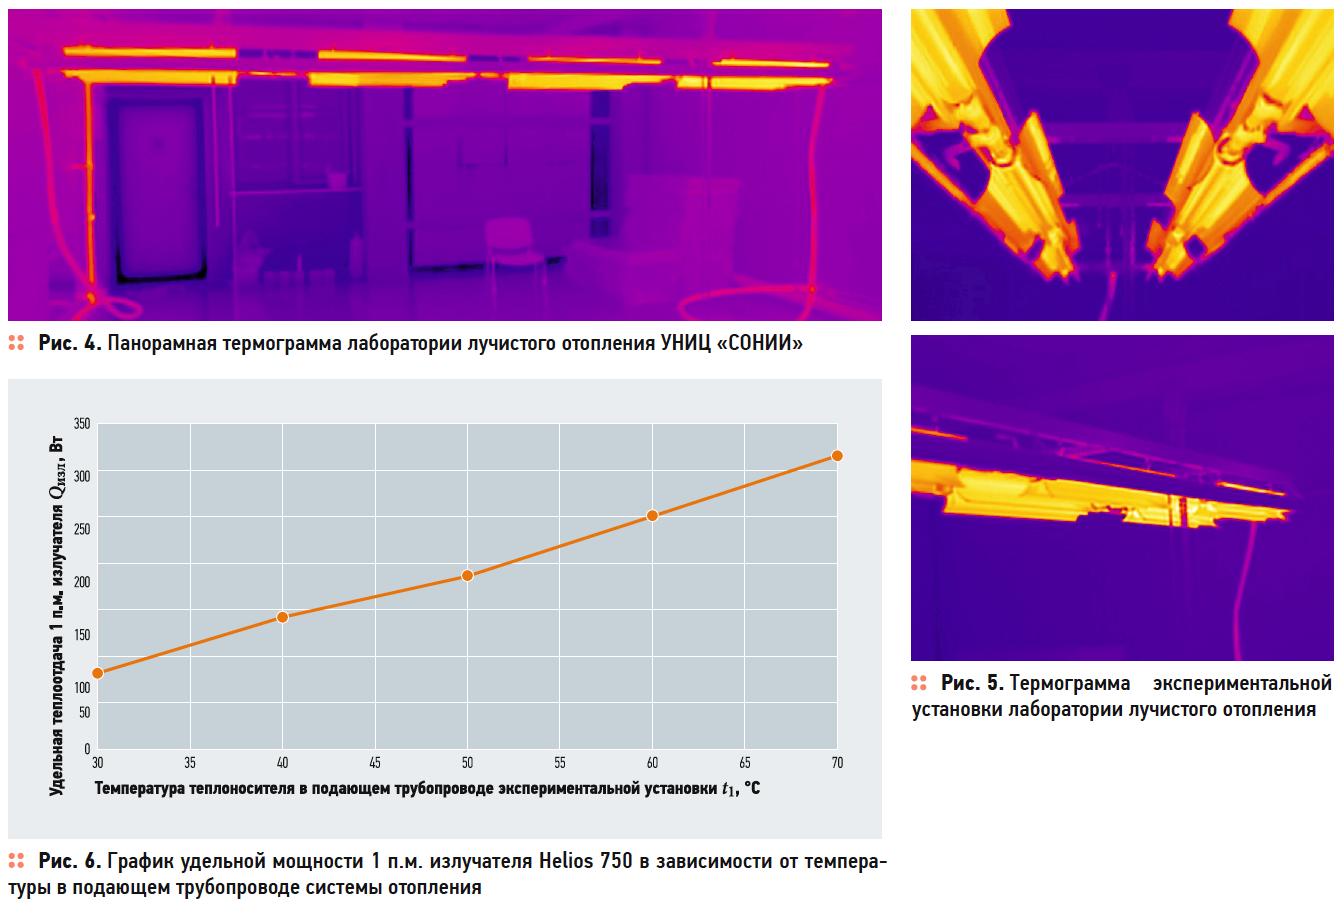 Исследование теплотехнических характеристик низкотемпературных инфракрасных излучателей. 10/2019. Фото 3